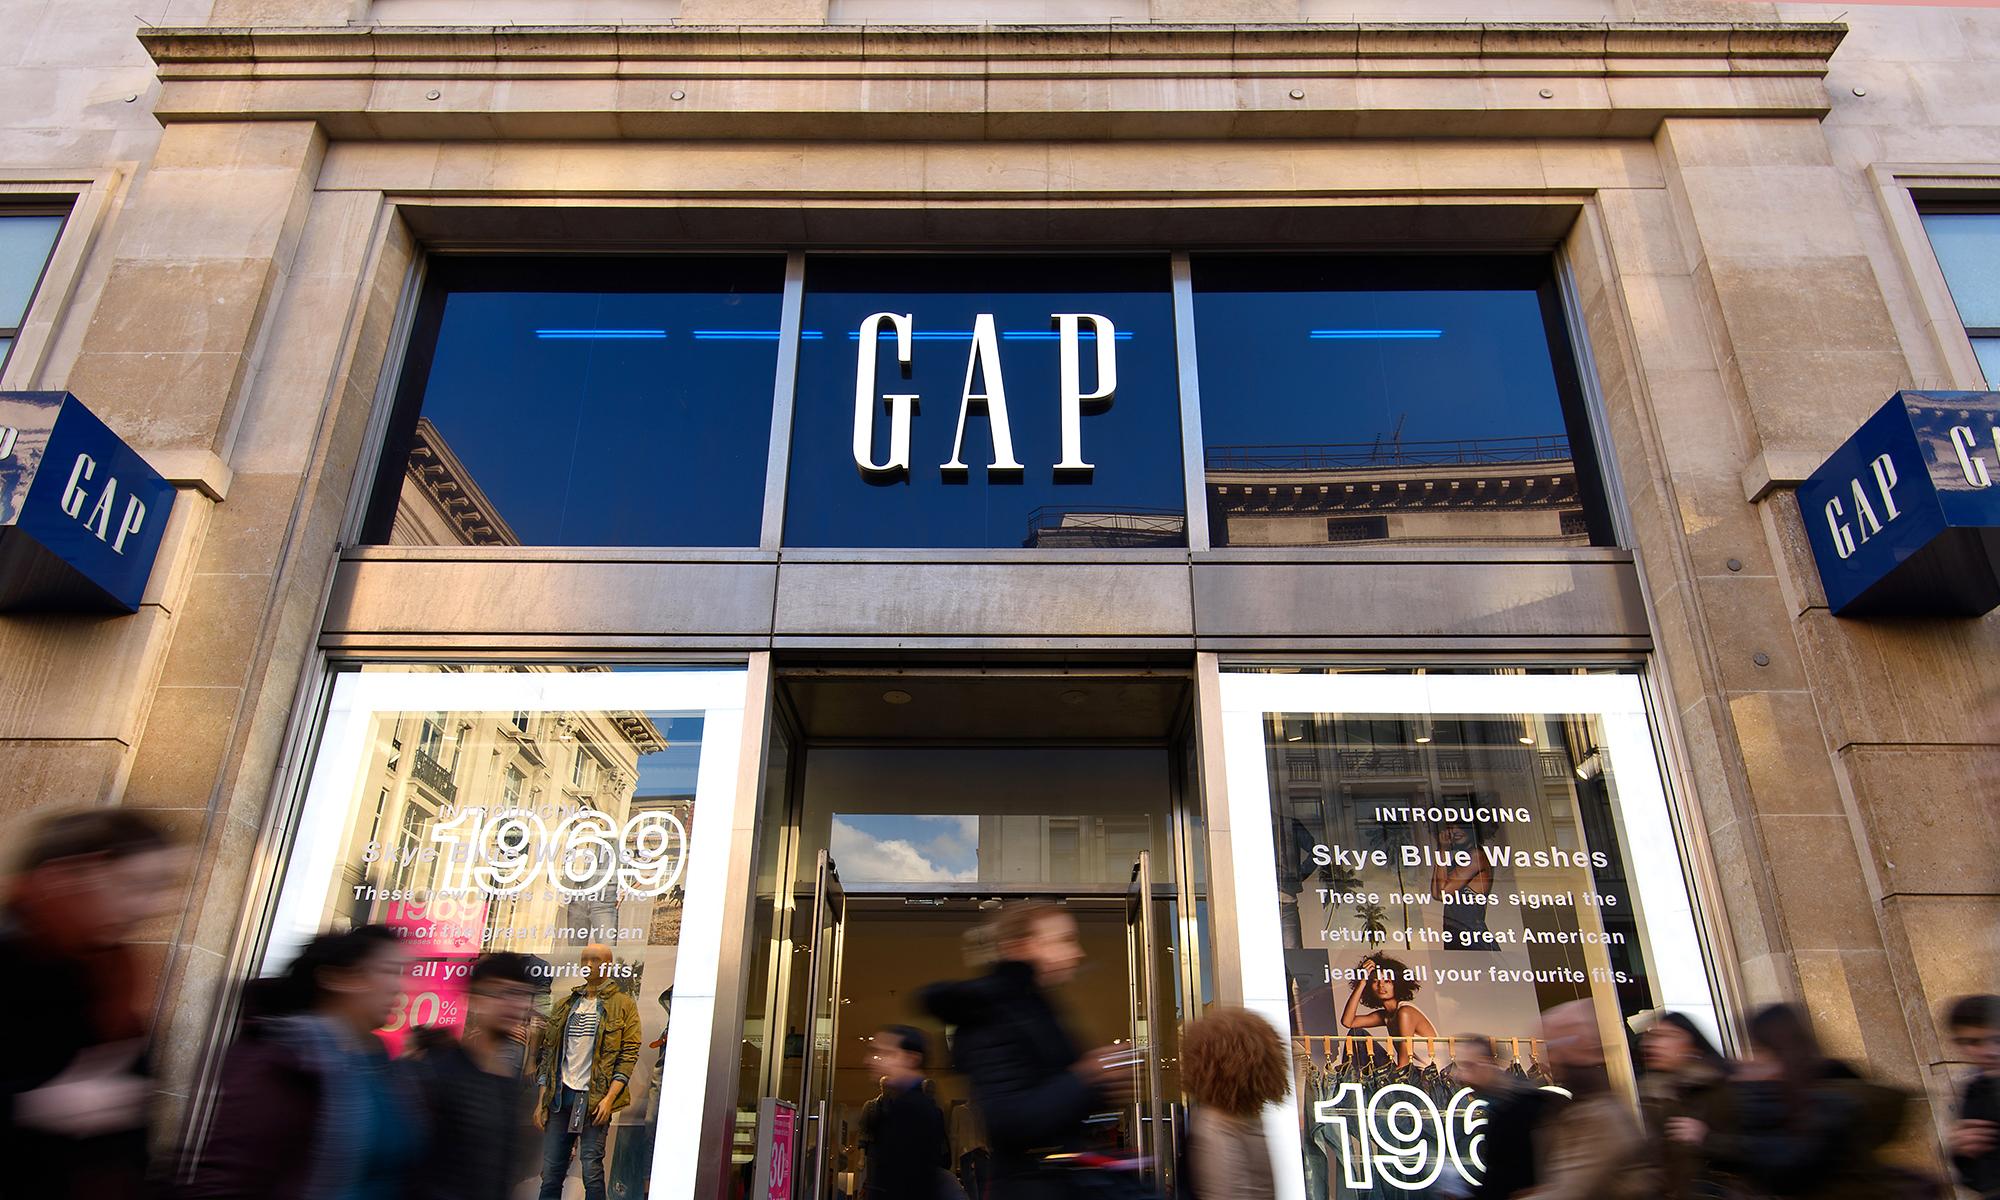 GAP 计划于英国境内关闭 19 家门店